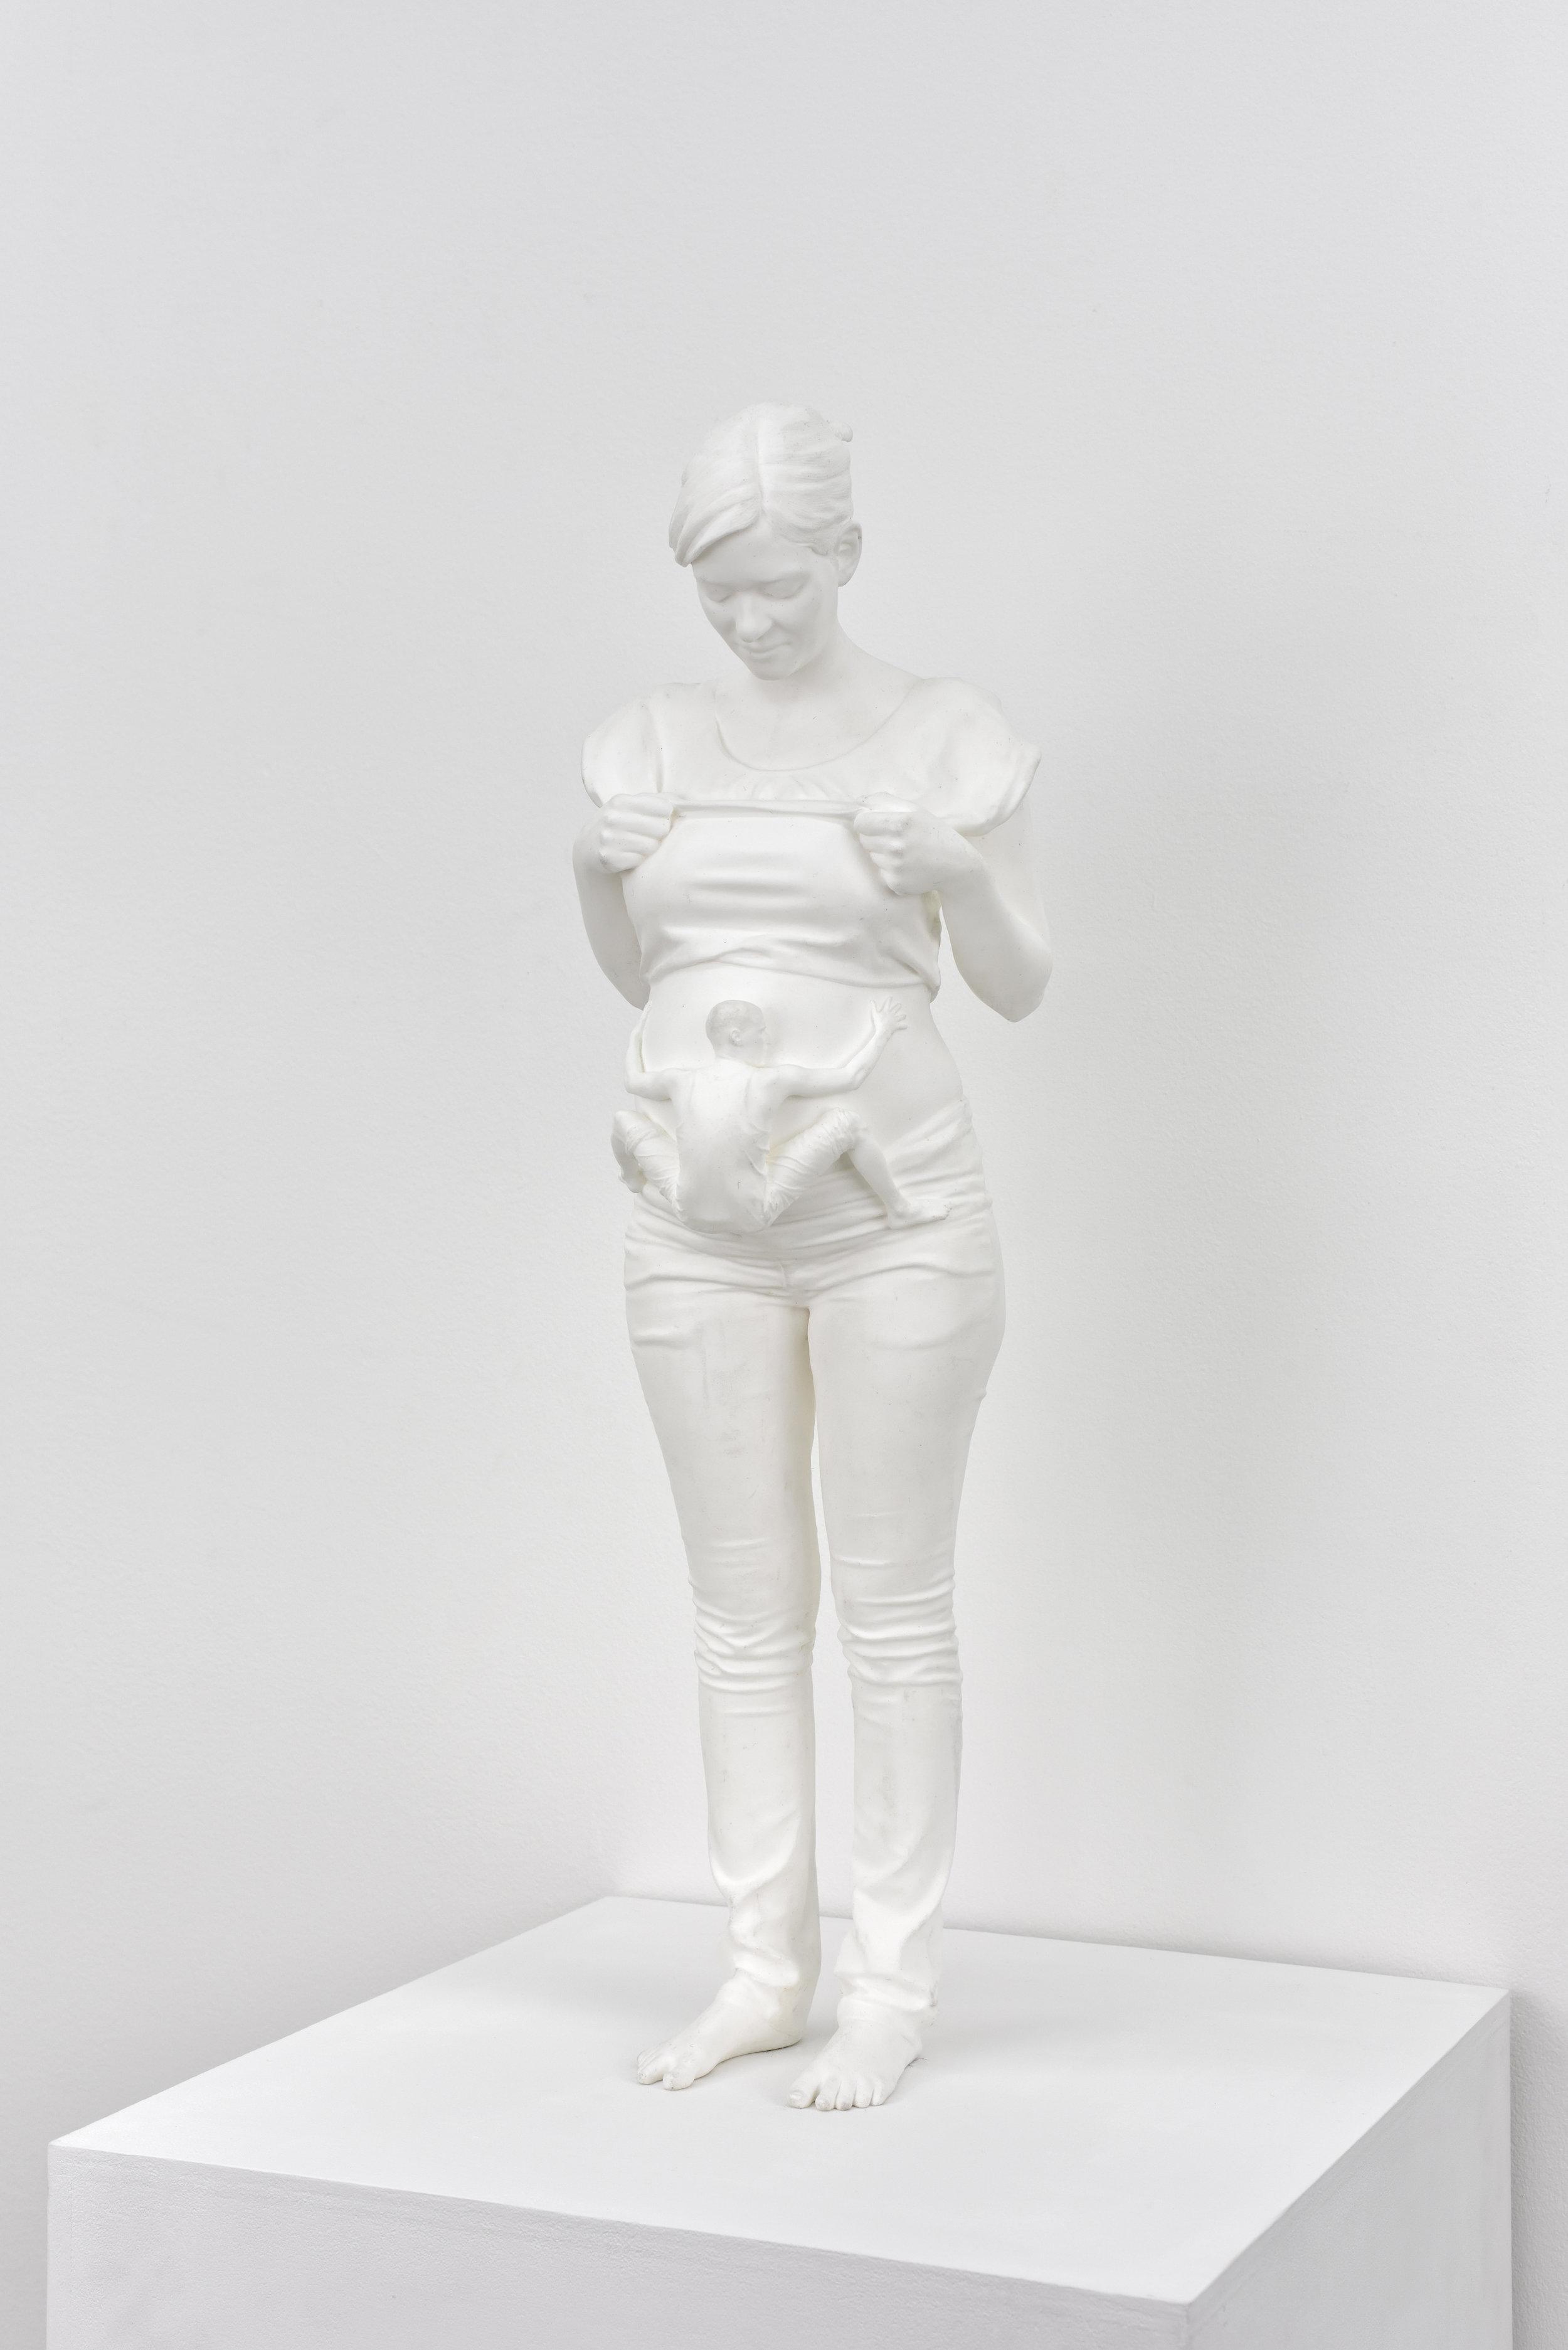 Fabien Mérelle, Aimant, 2015 resin 60 x 17 x 17 cm - 23 5/8 x 6 3/4 x 6 3/4 inches